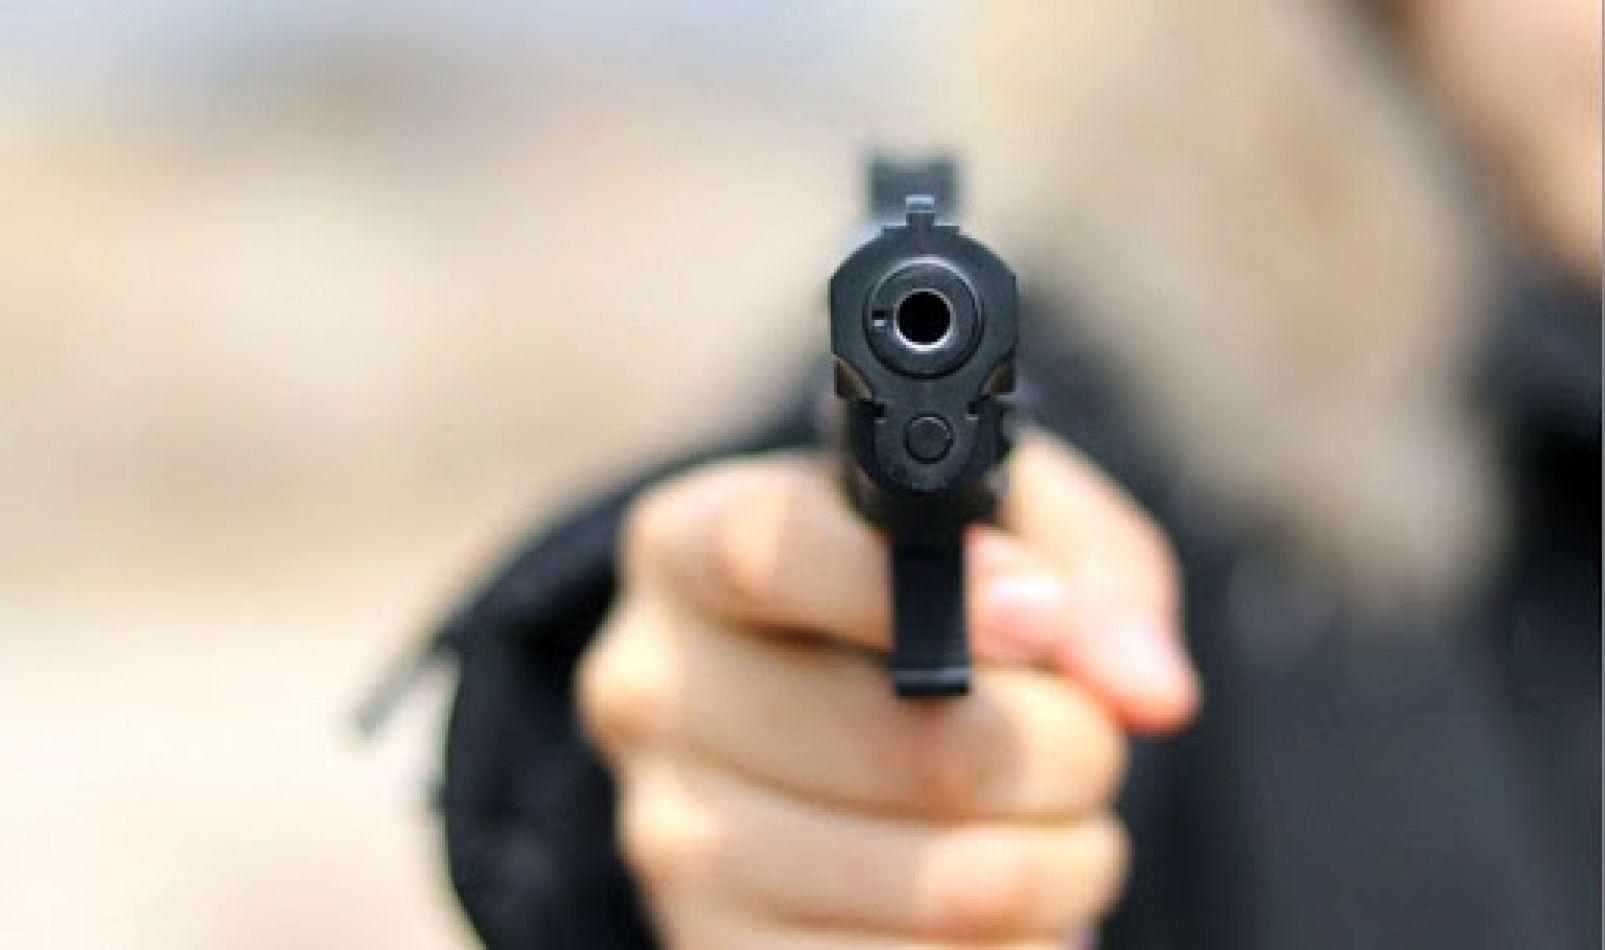 Homicidio en Morillo: investigan qué pasó